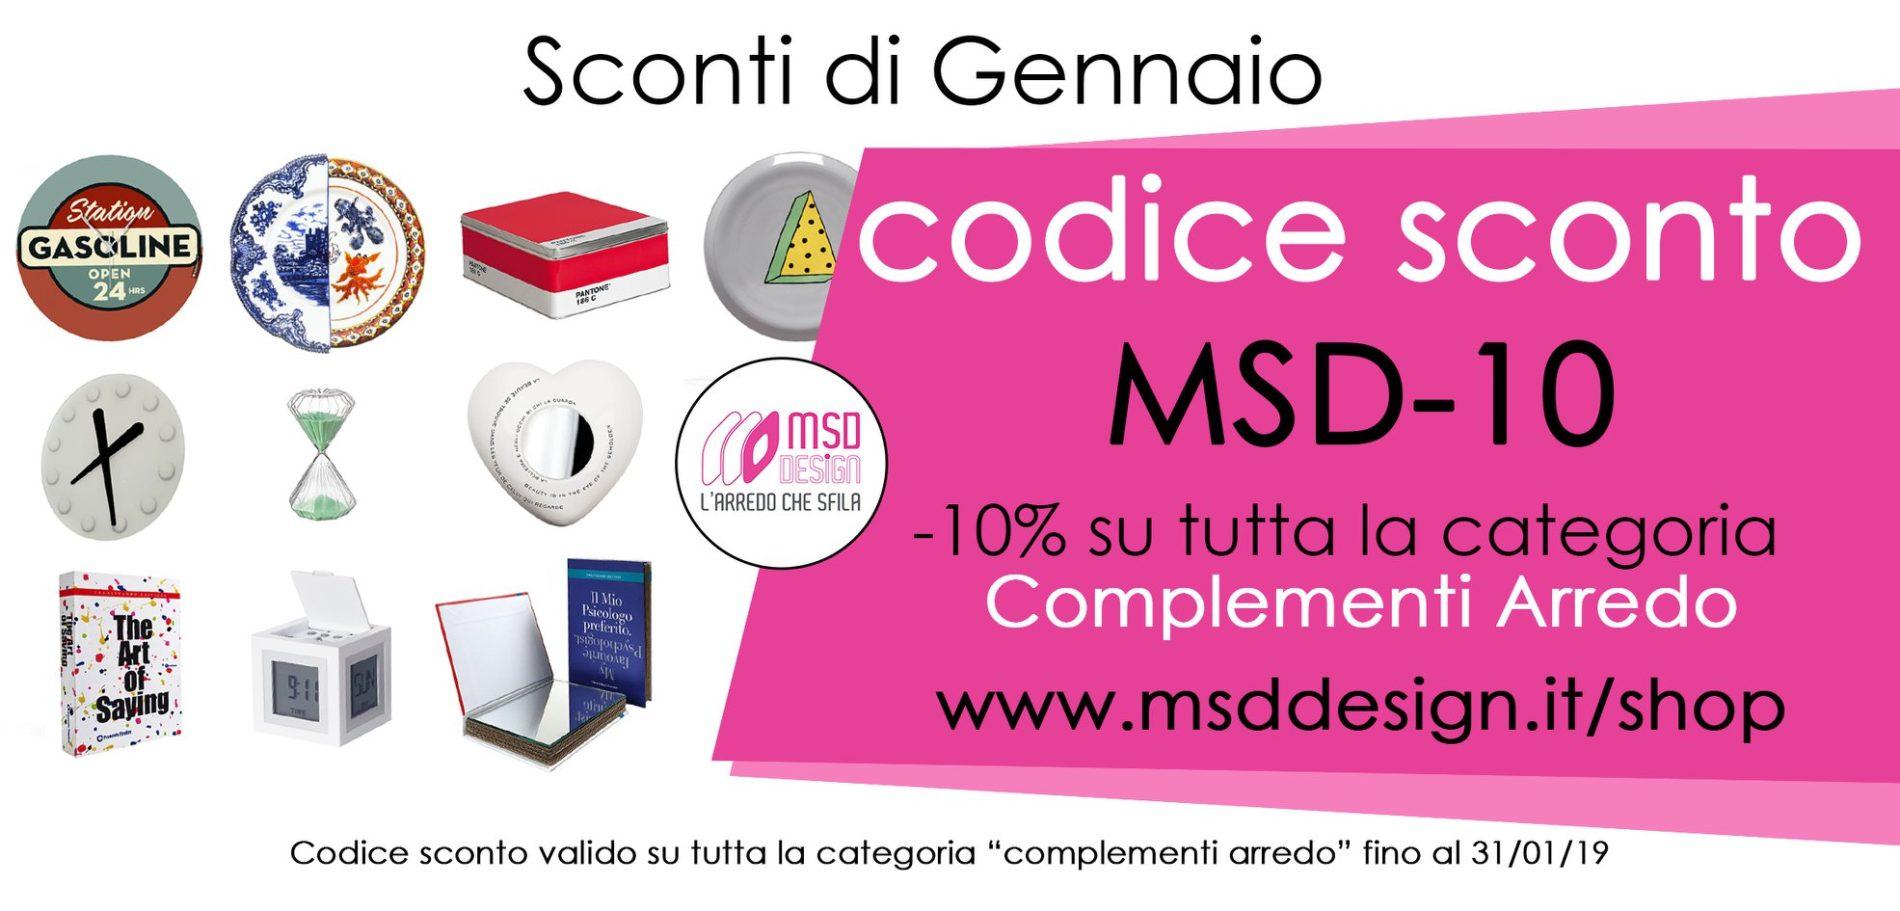 codice sconto gennaio msddesign - SCONTI DI GENNAIO codice sconto MSD-10